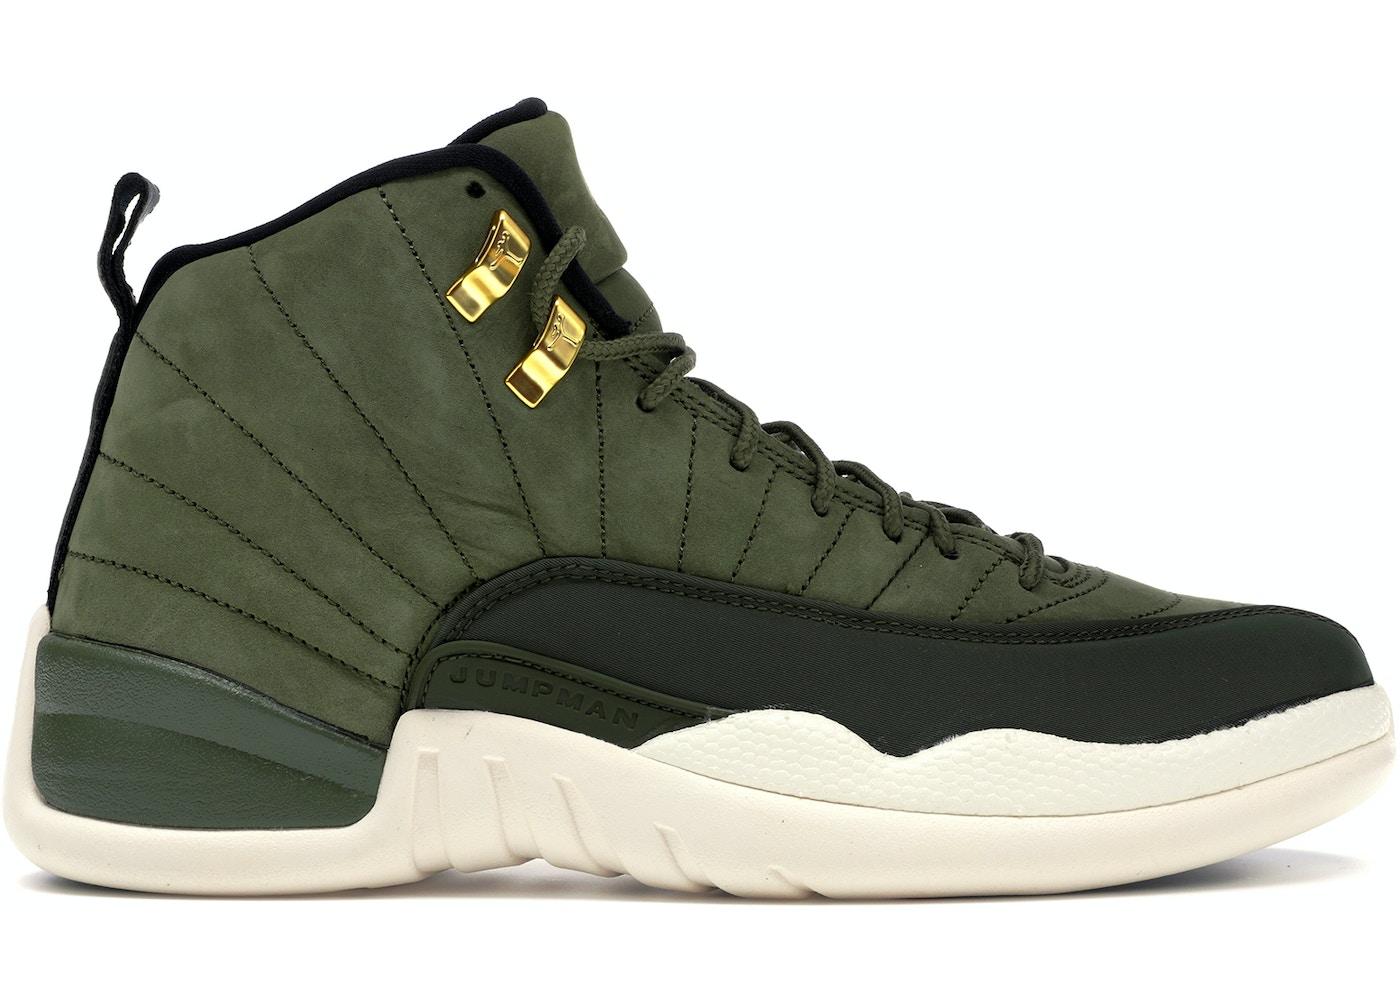 Buy Air Jordan 12 Shoes   Deadstock Sneakers b39a9cab6c